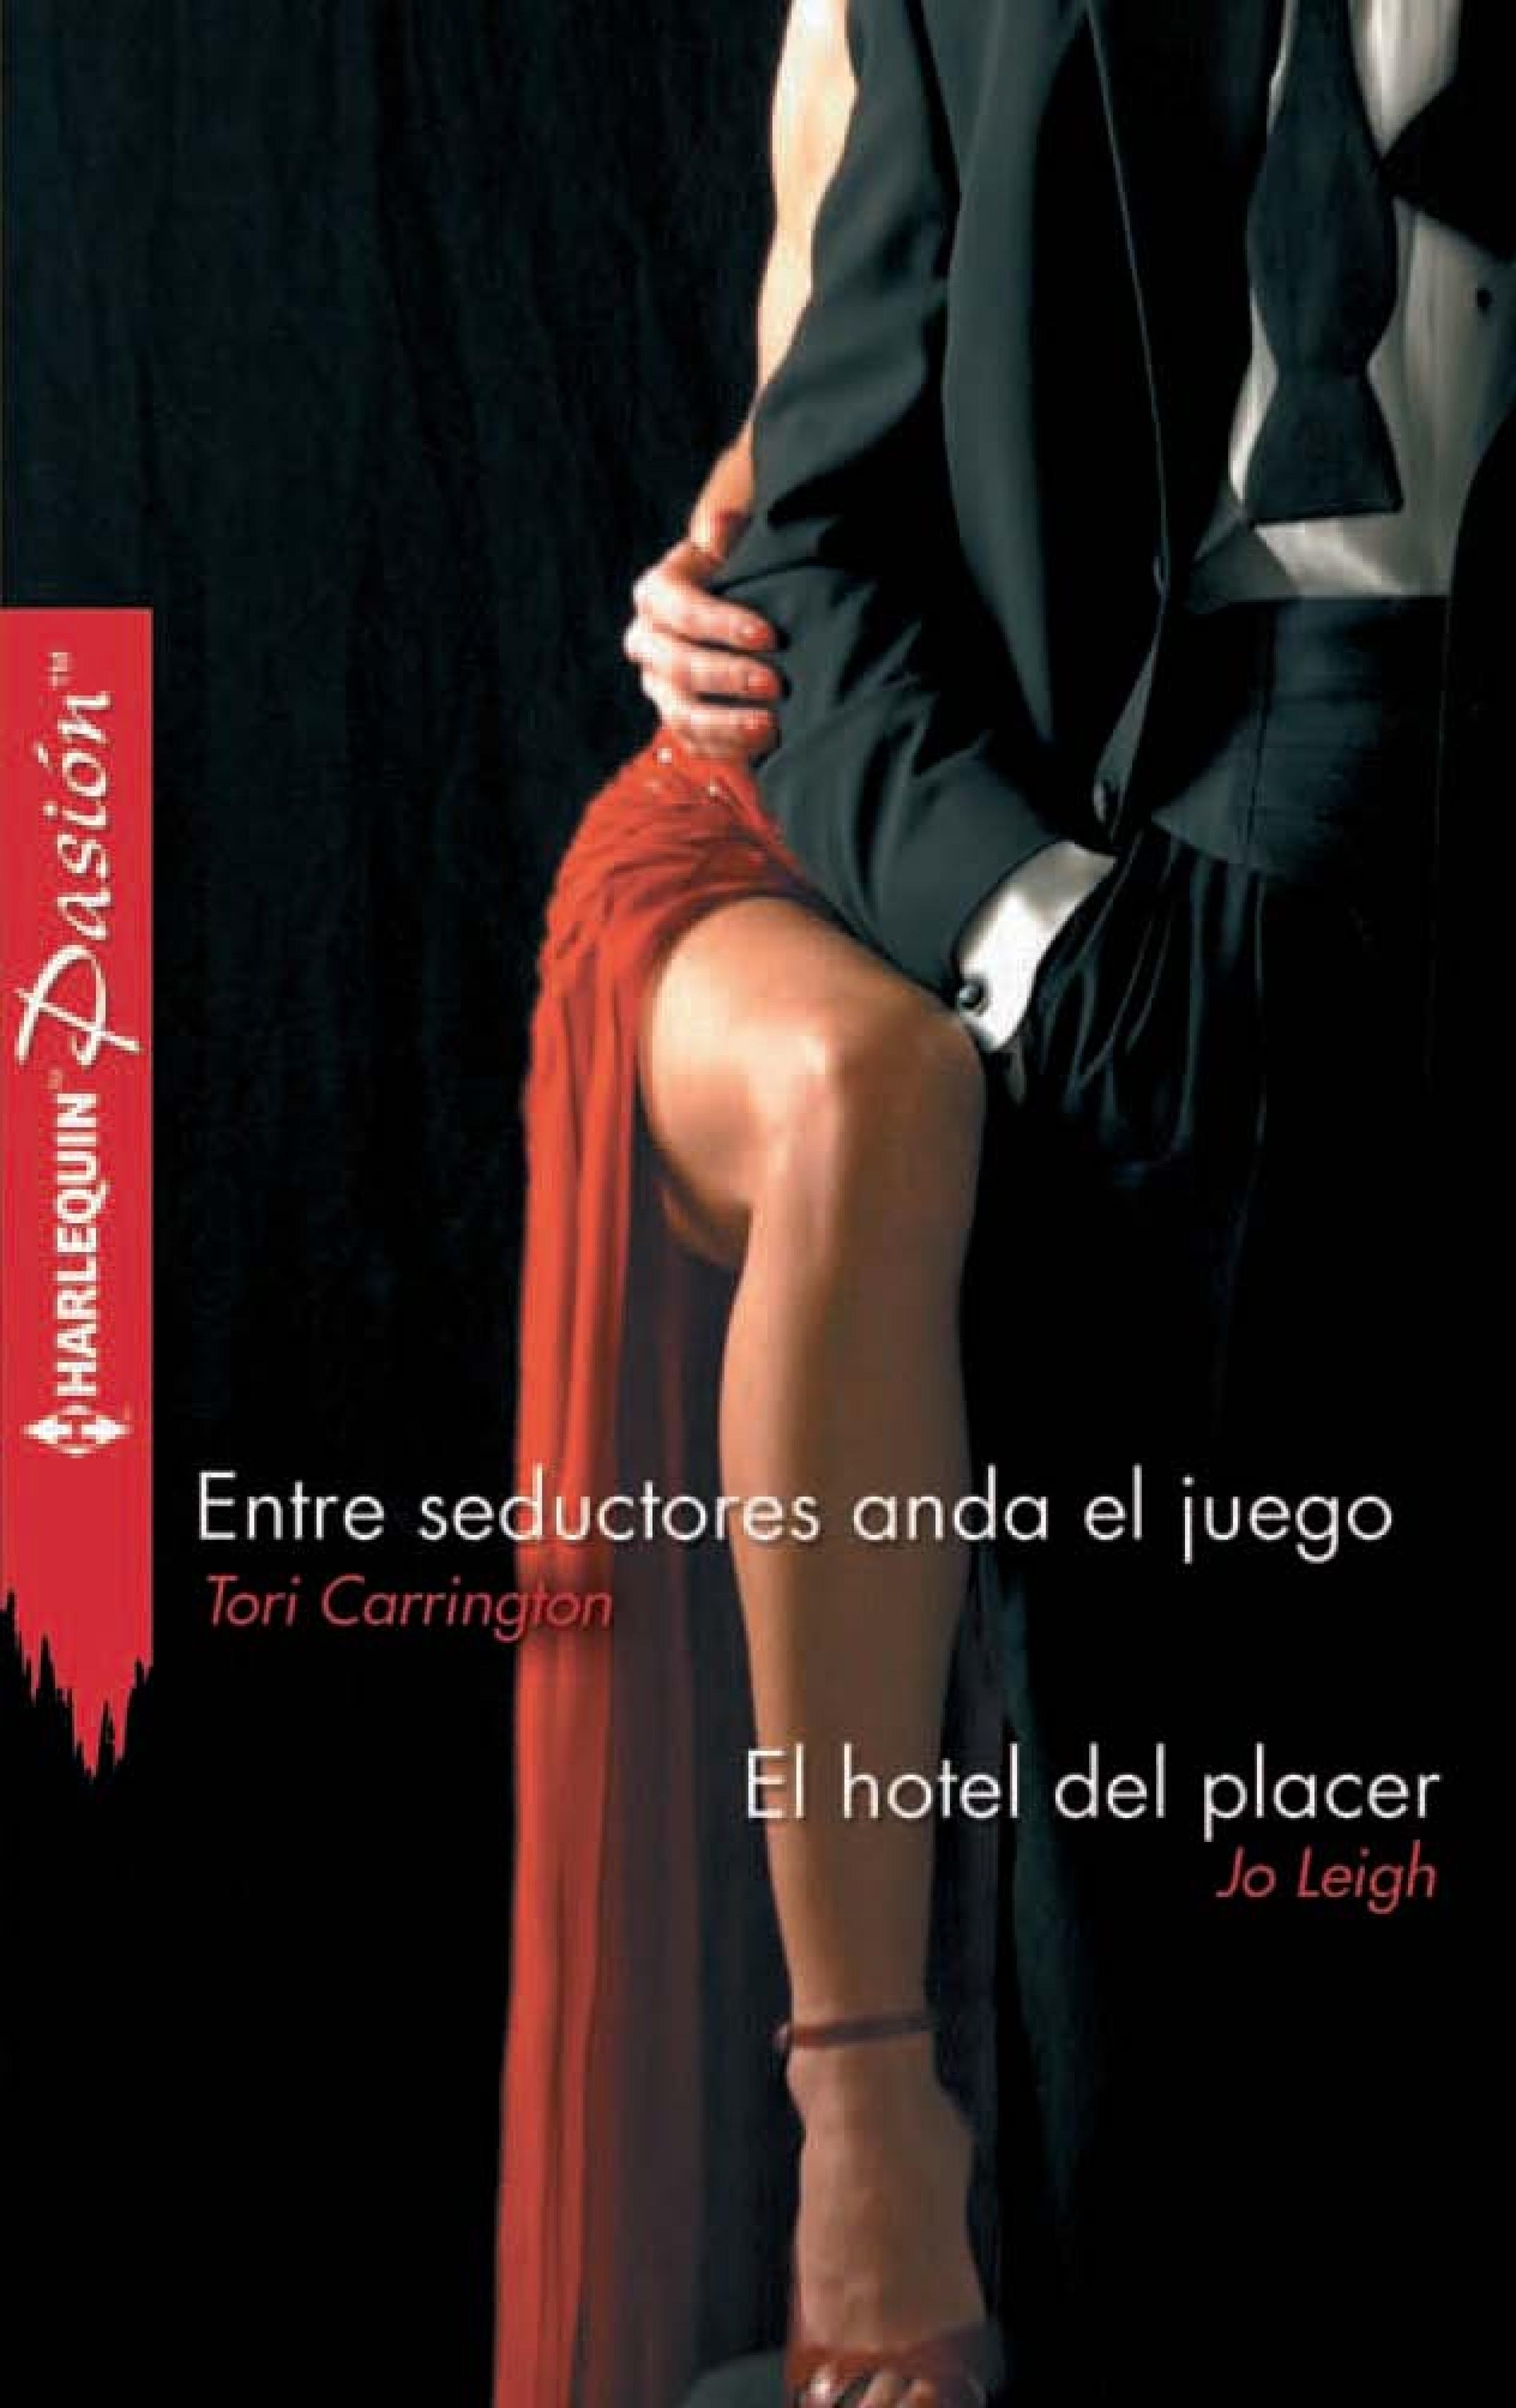 Jo Leigh Entre seductores anda el juego - El hotel del placer jo leigh relentless